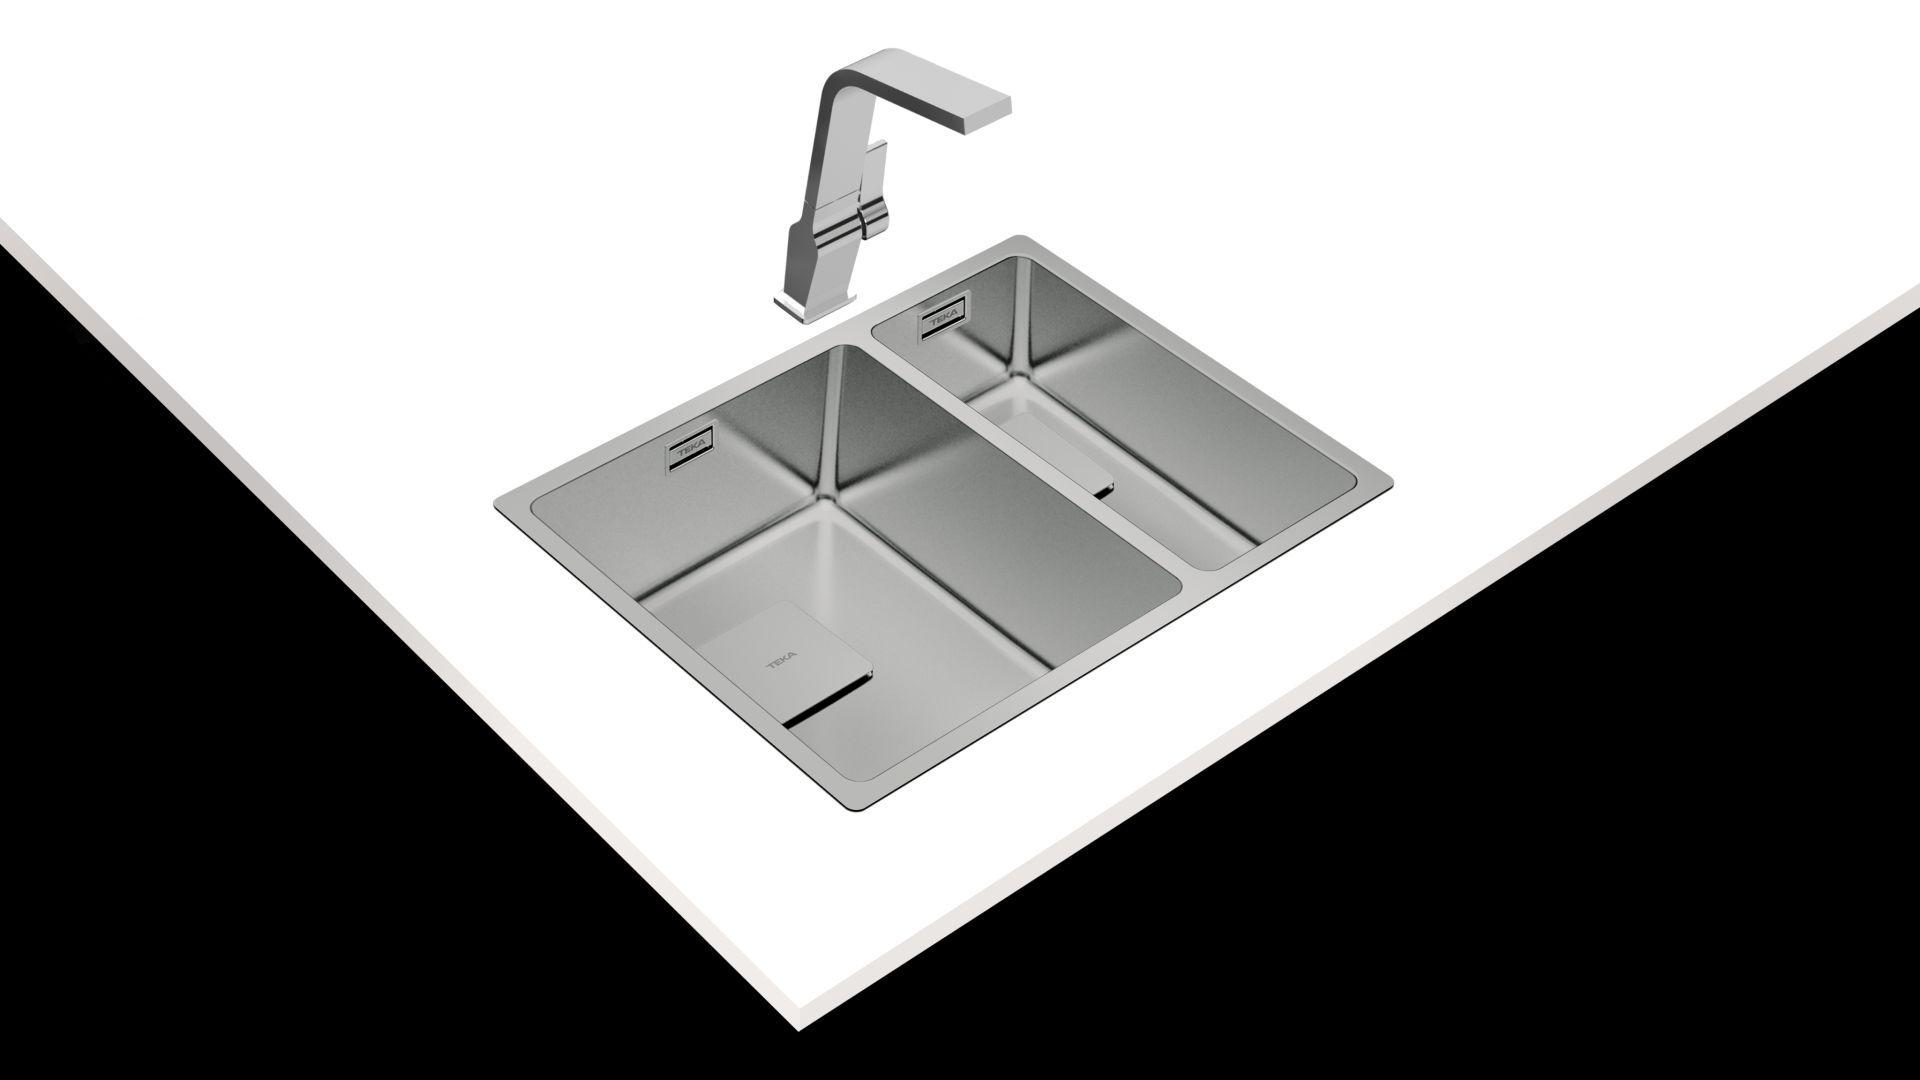 Zlewozmywaki Flexlinea RS15/Teka. Produkt zgłoszony do konkursu Kuchnia - Wybór Roku 2020.